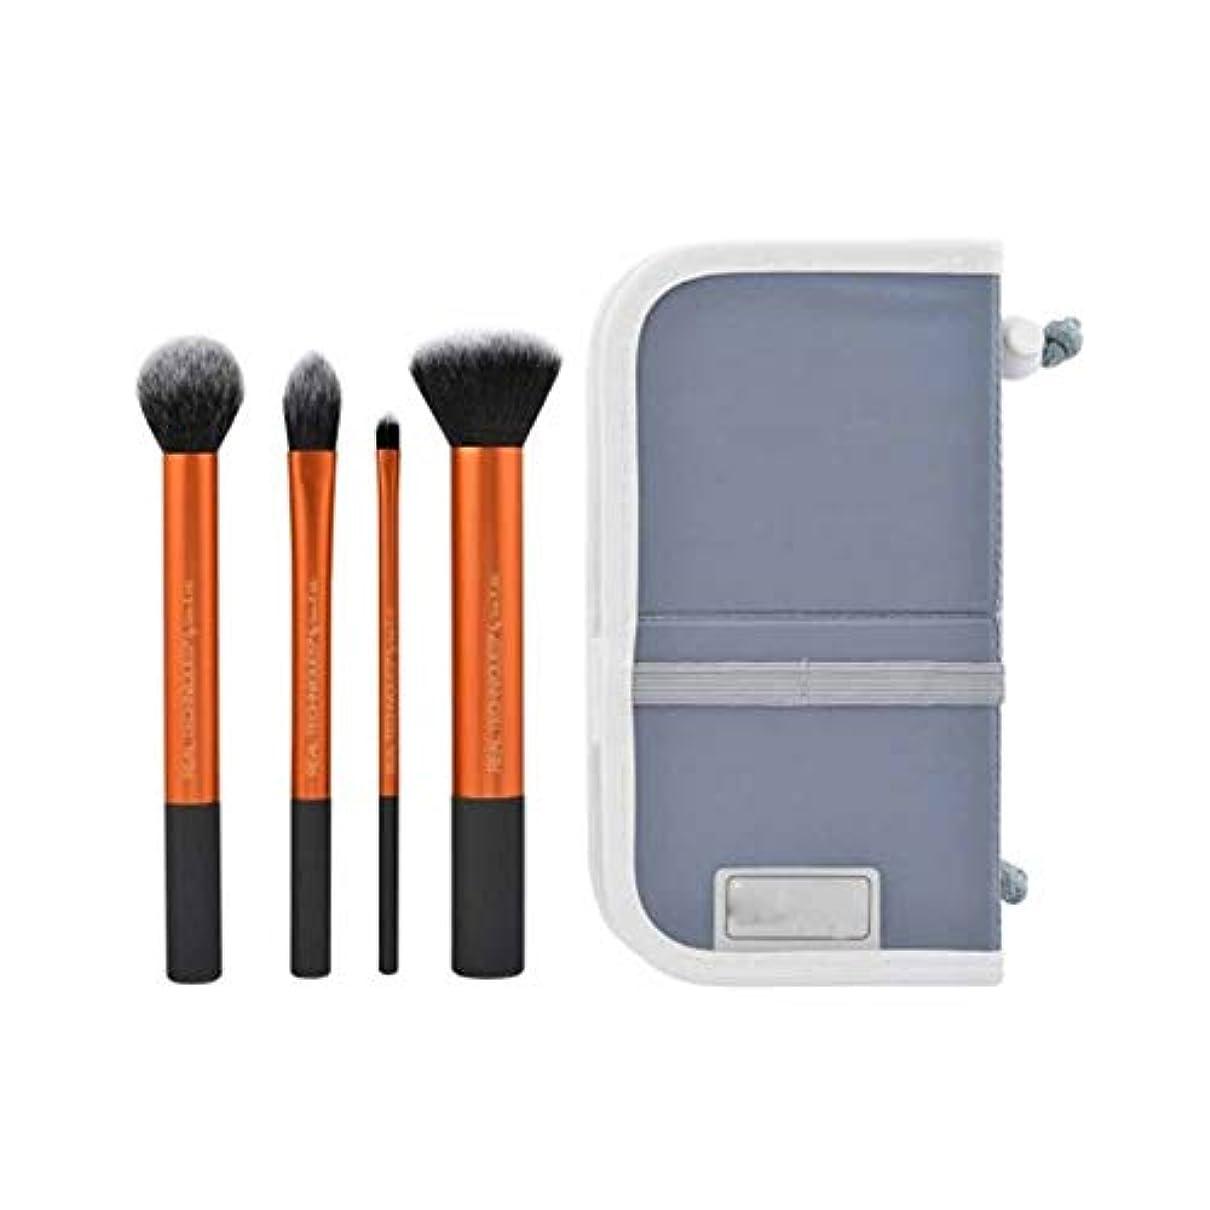 南天井フレッシュXIAOCHAOSD メイクブラシ、メイクメイクブラシセット、輪郭ブラシリップブラシ、散布ブラシ、チークブラシ、4点セット、簡単に運ぶために (Color : Orange)